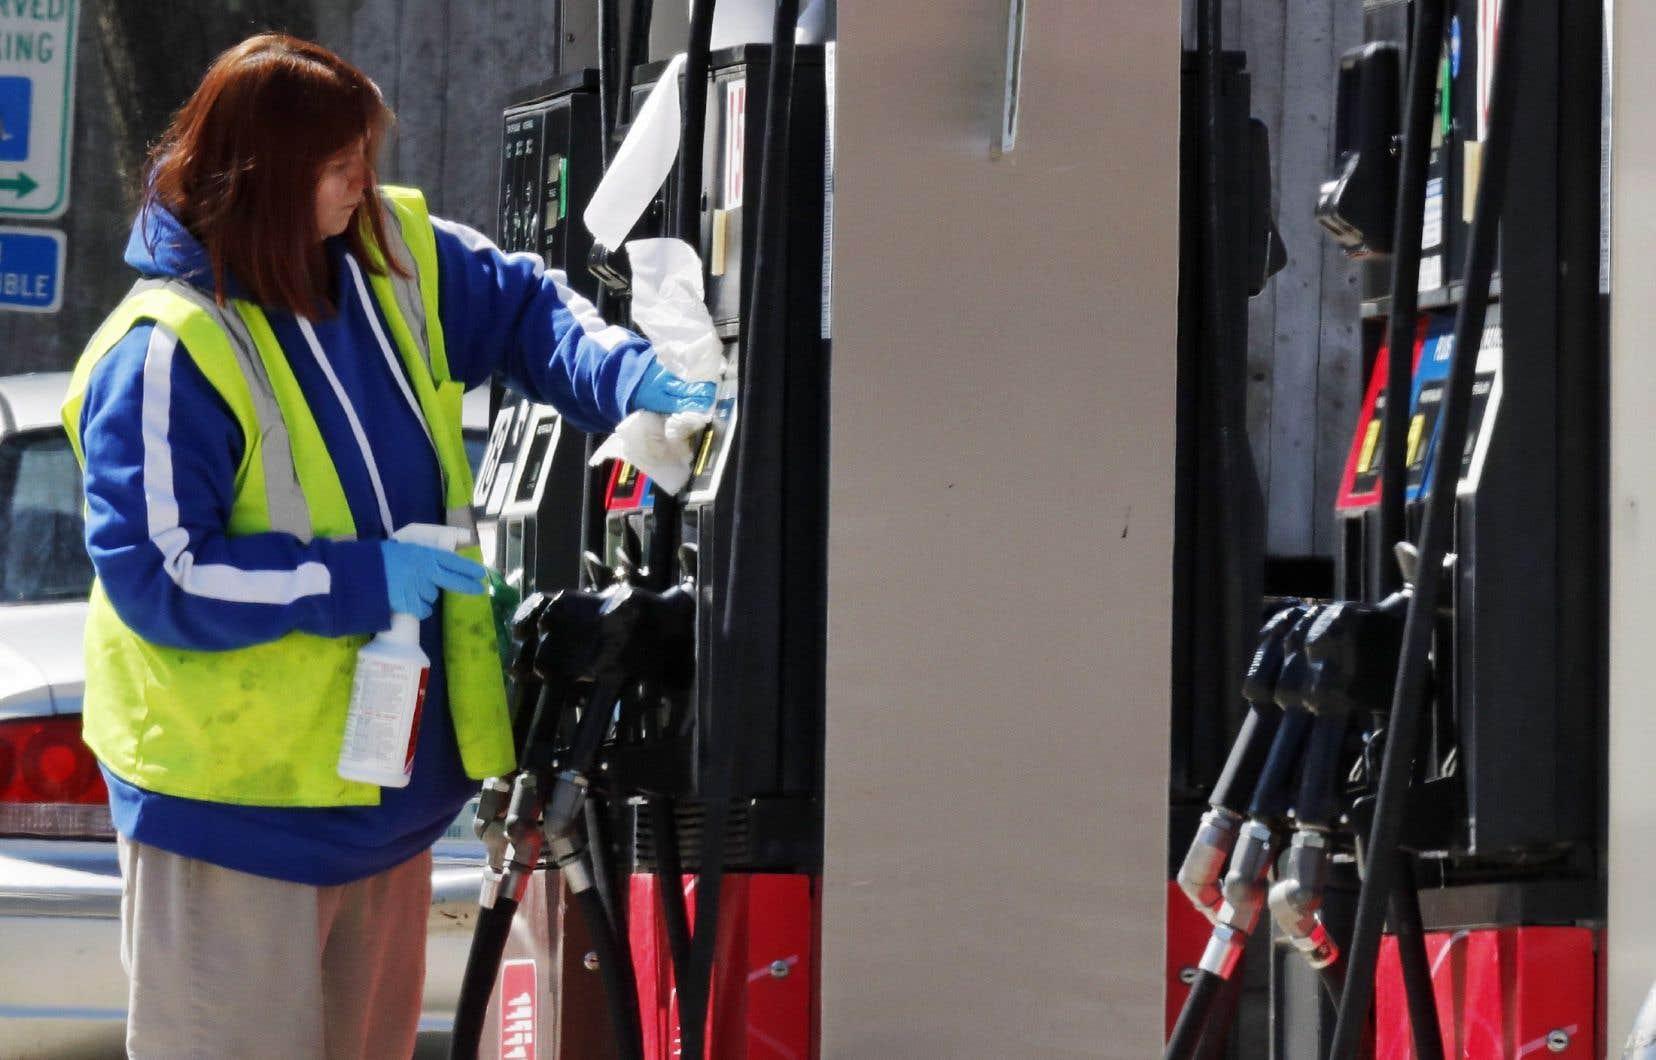 Les prix à la consommation ont reculé de 0,4% en mars aux États-Unis, une baisseprincipalement due à la chute du prix des carburants (-10,5%).